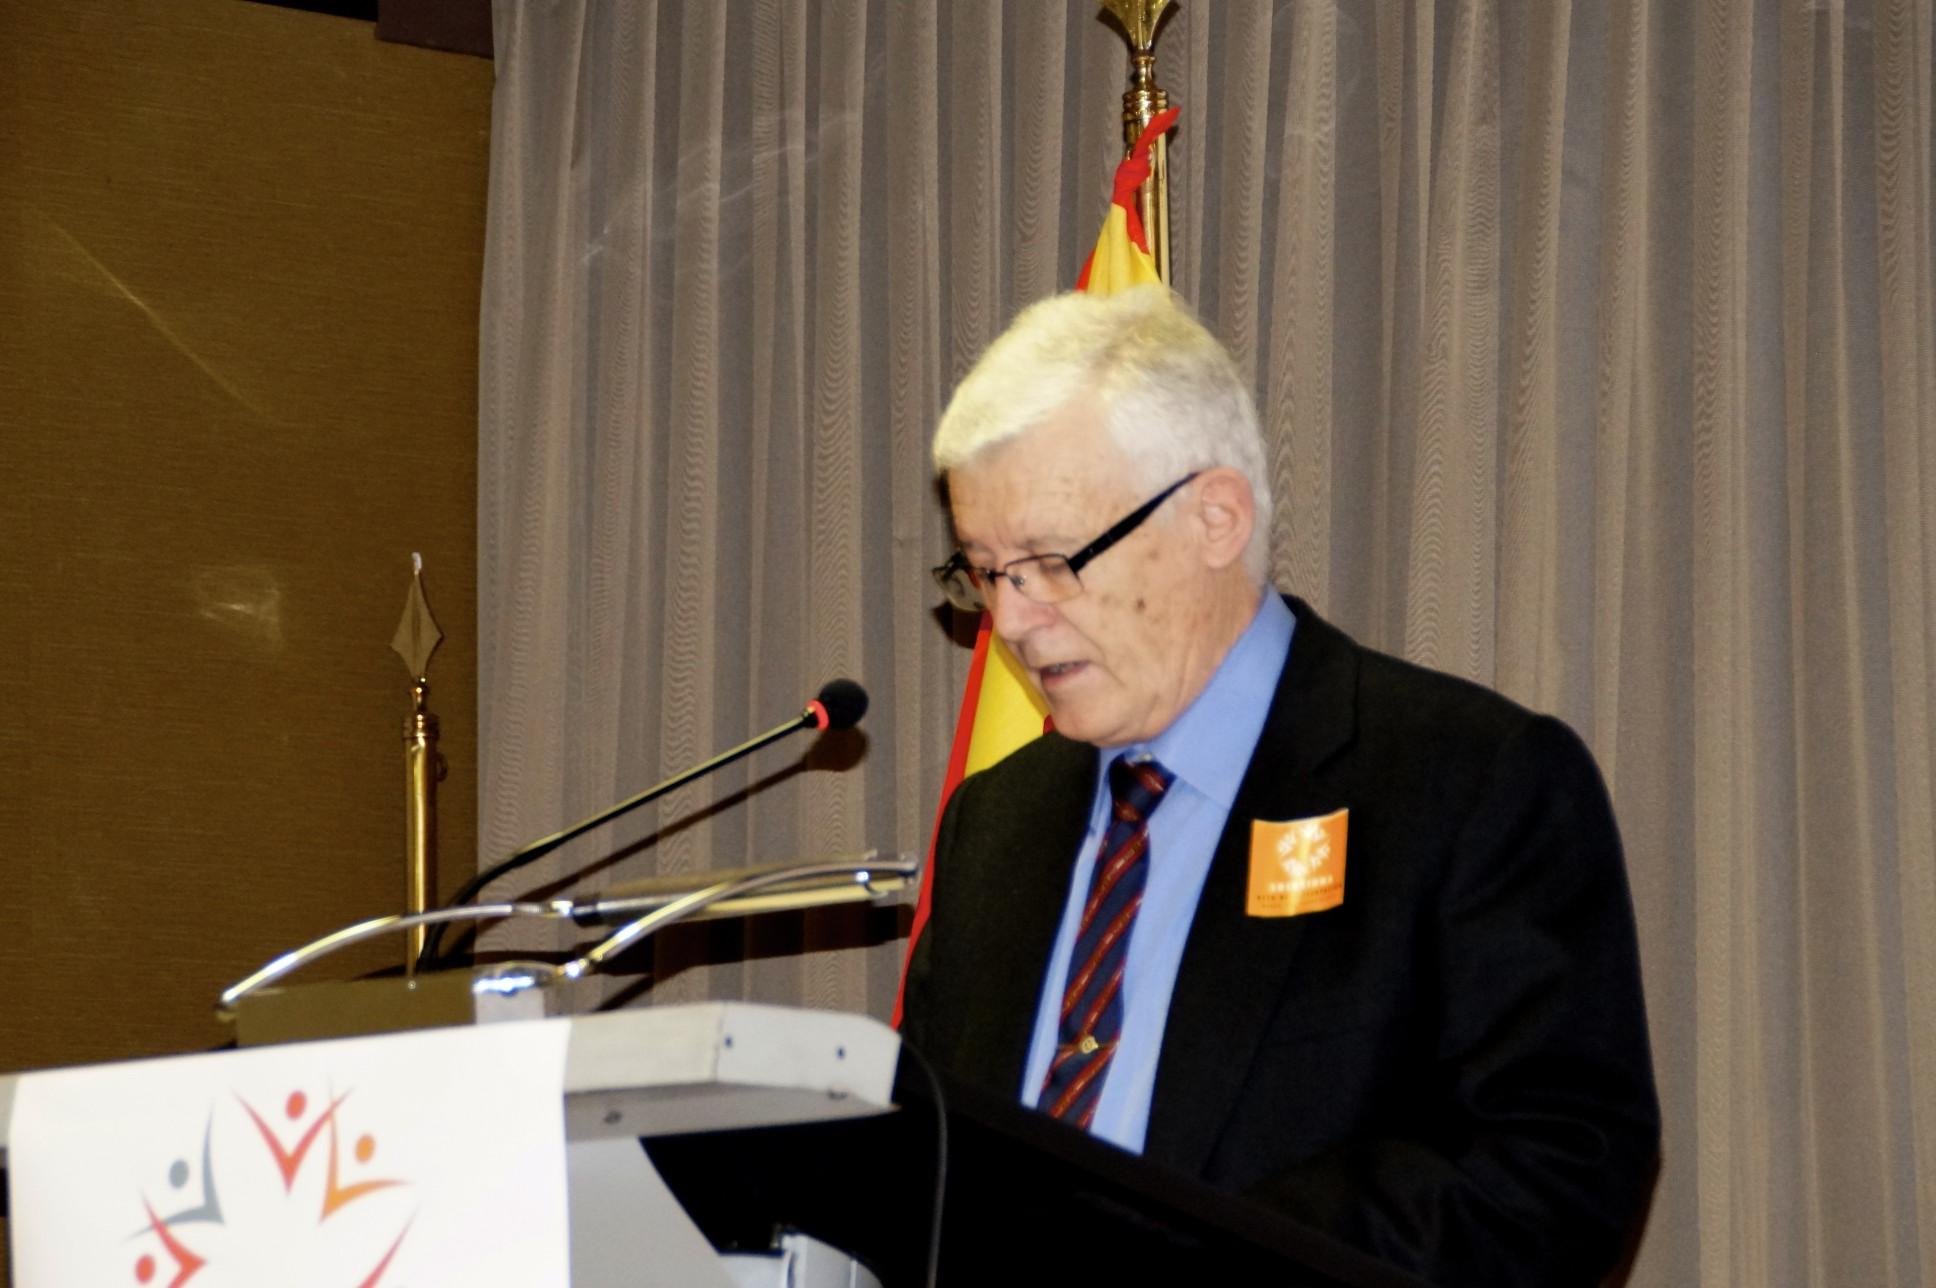 Antonio Vsldivia, durante su intervención